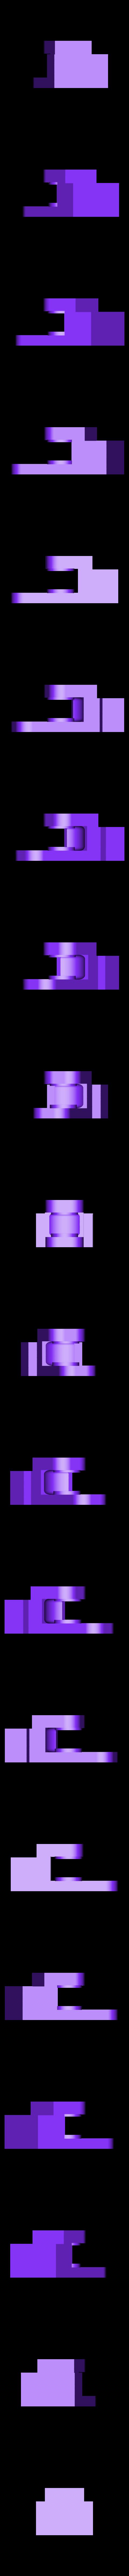 Part Studio 1 - Part 1.stl Télécharger fichier STL gratuit Capteur de faux-rond du filament (roulement à billes) • Design pour impression 3D, KrisCubed